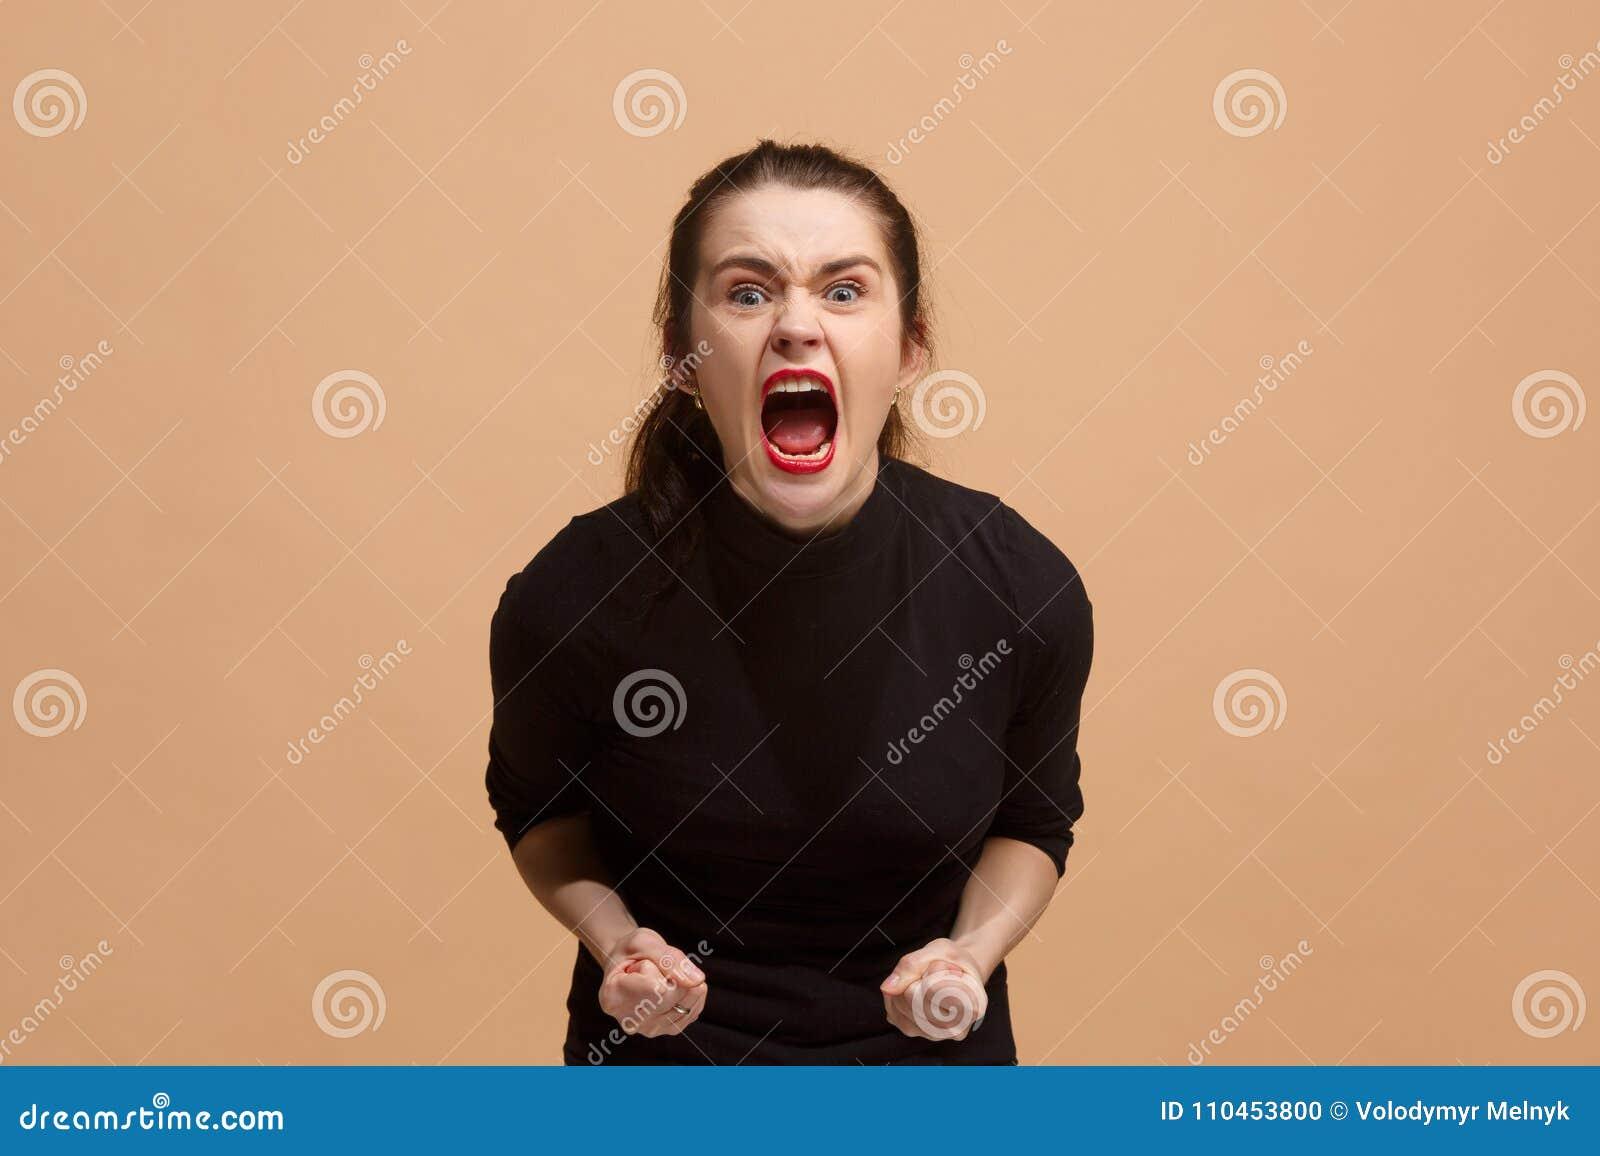 Den unga emotionella ilskna kvinnan som skriker på pastellfärgad studiobakgrund